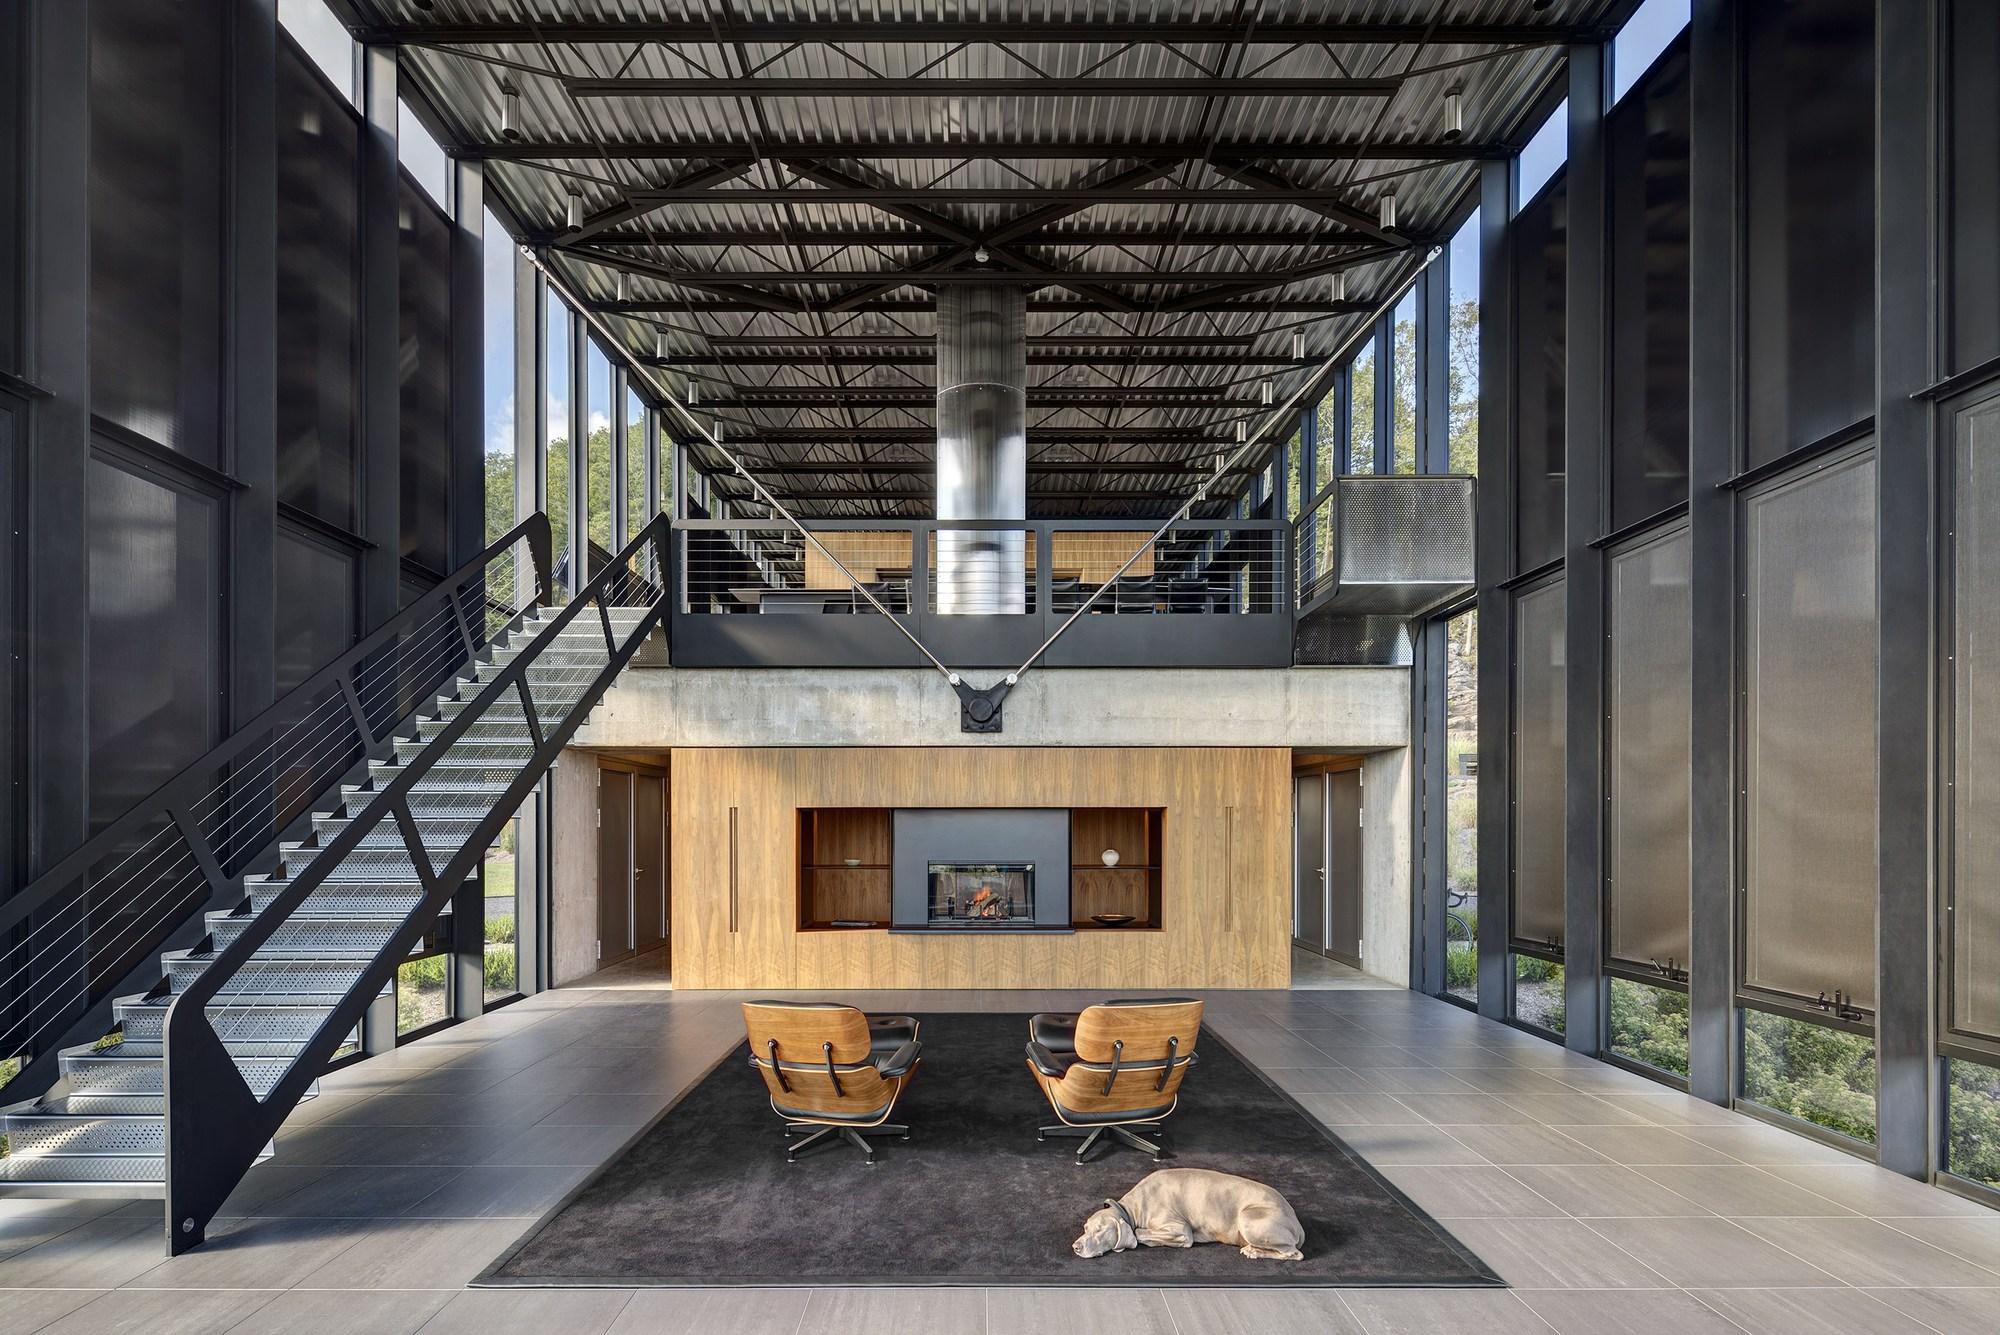 Shokan House / Jay Bargmann